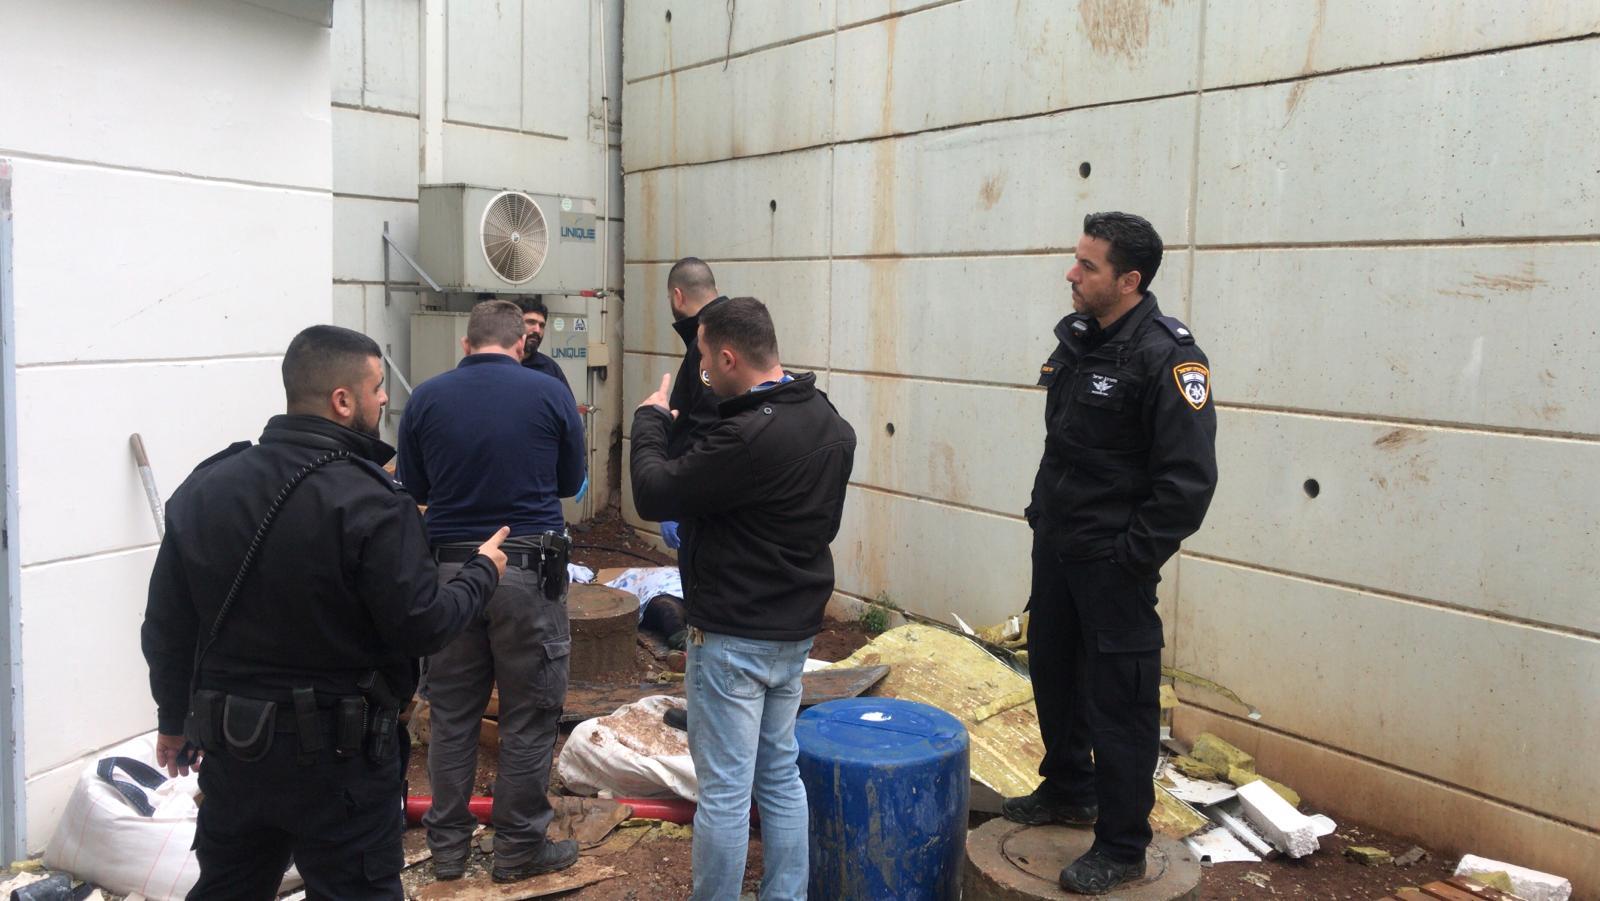 גופת אשה נמצאה סמוך לבית החולים פוריה בטבריה